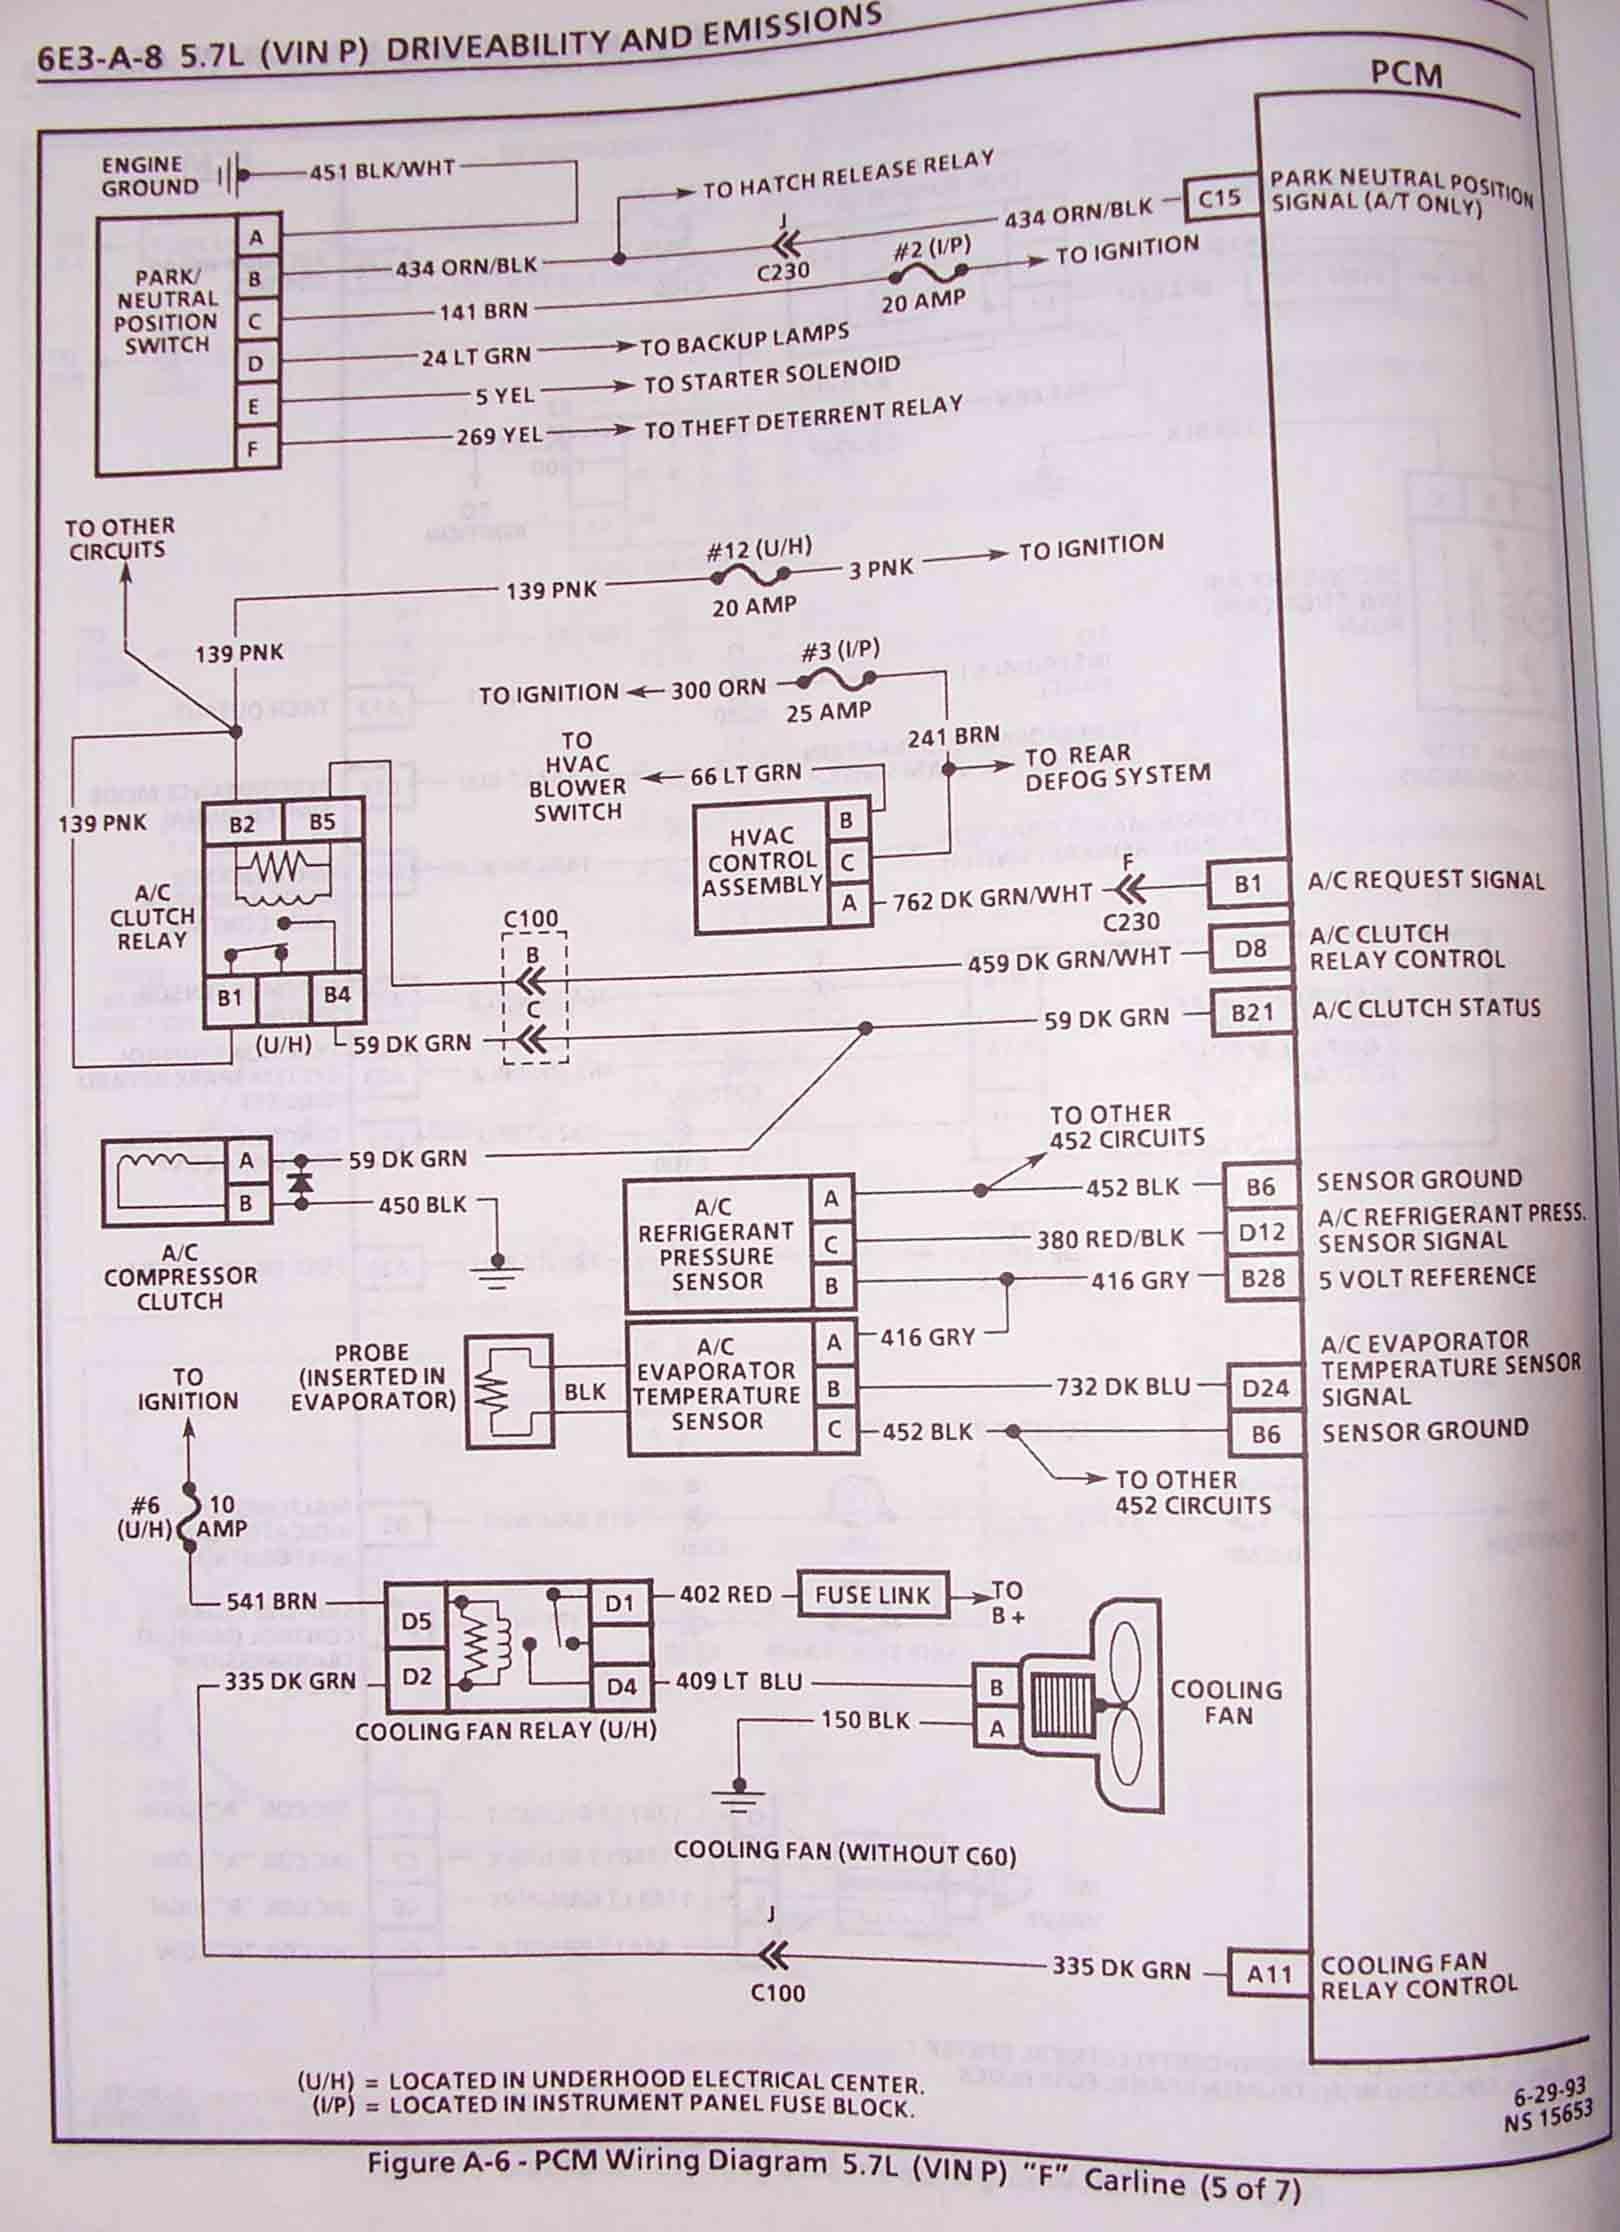 wire diagram 93 camaro zc 7298  95 firebird wiring diagram schematic wiring  95 firebird wiring diagram schematic wiring